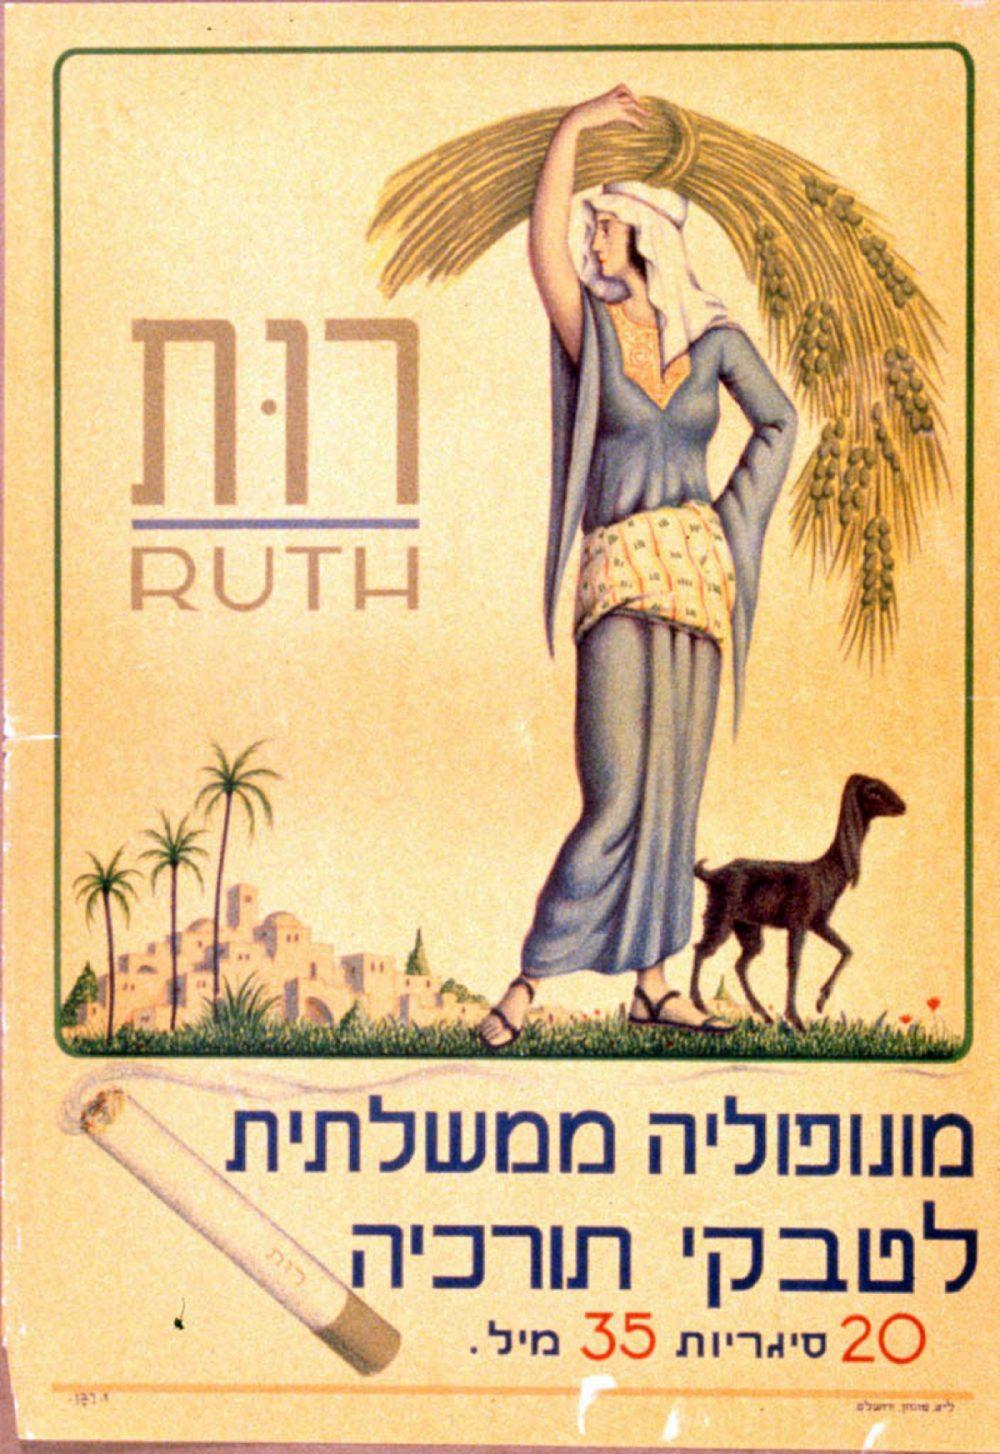 מגילת רות 1925 לערך (צילום: זאב רבן)